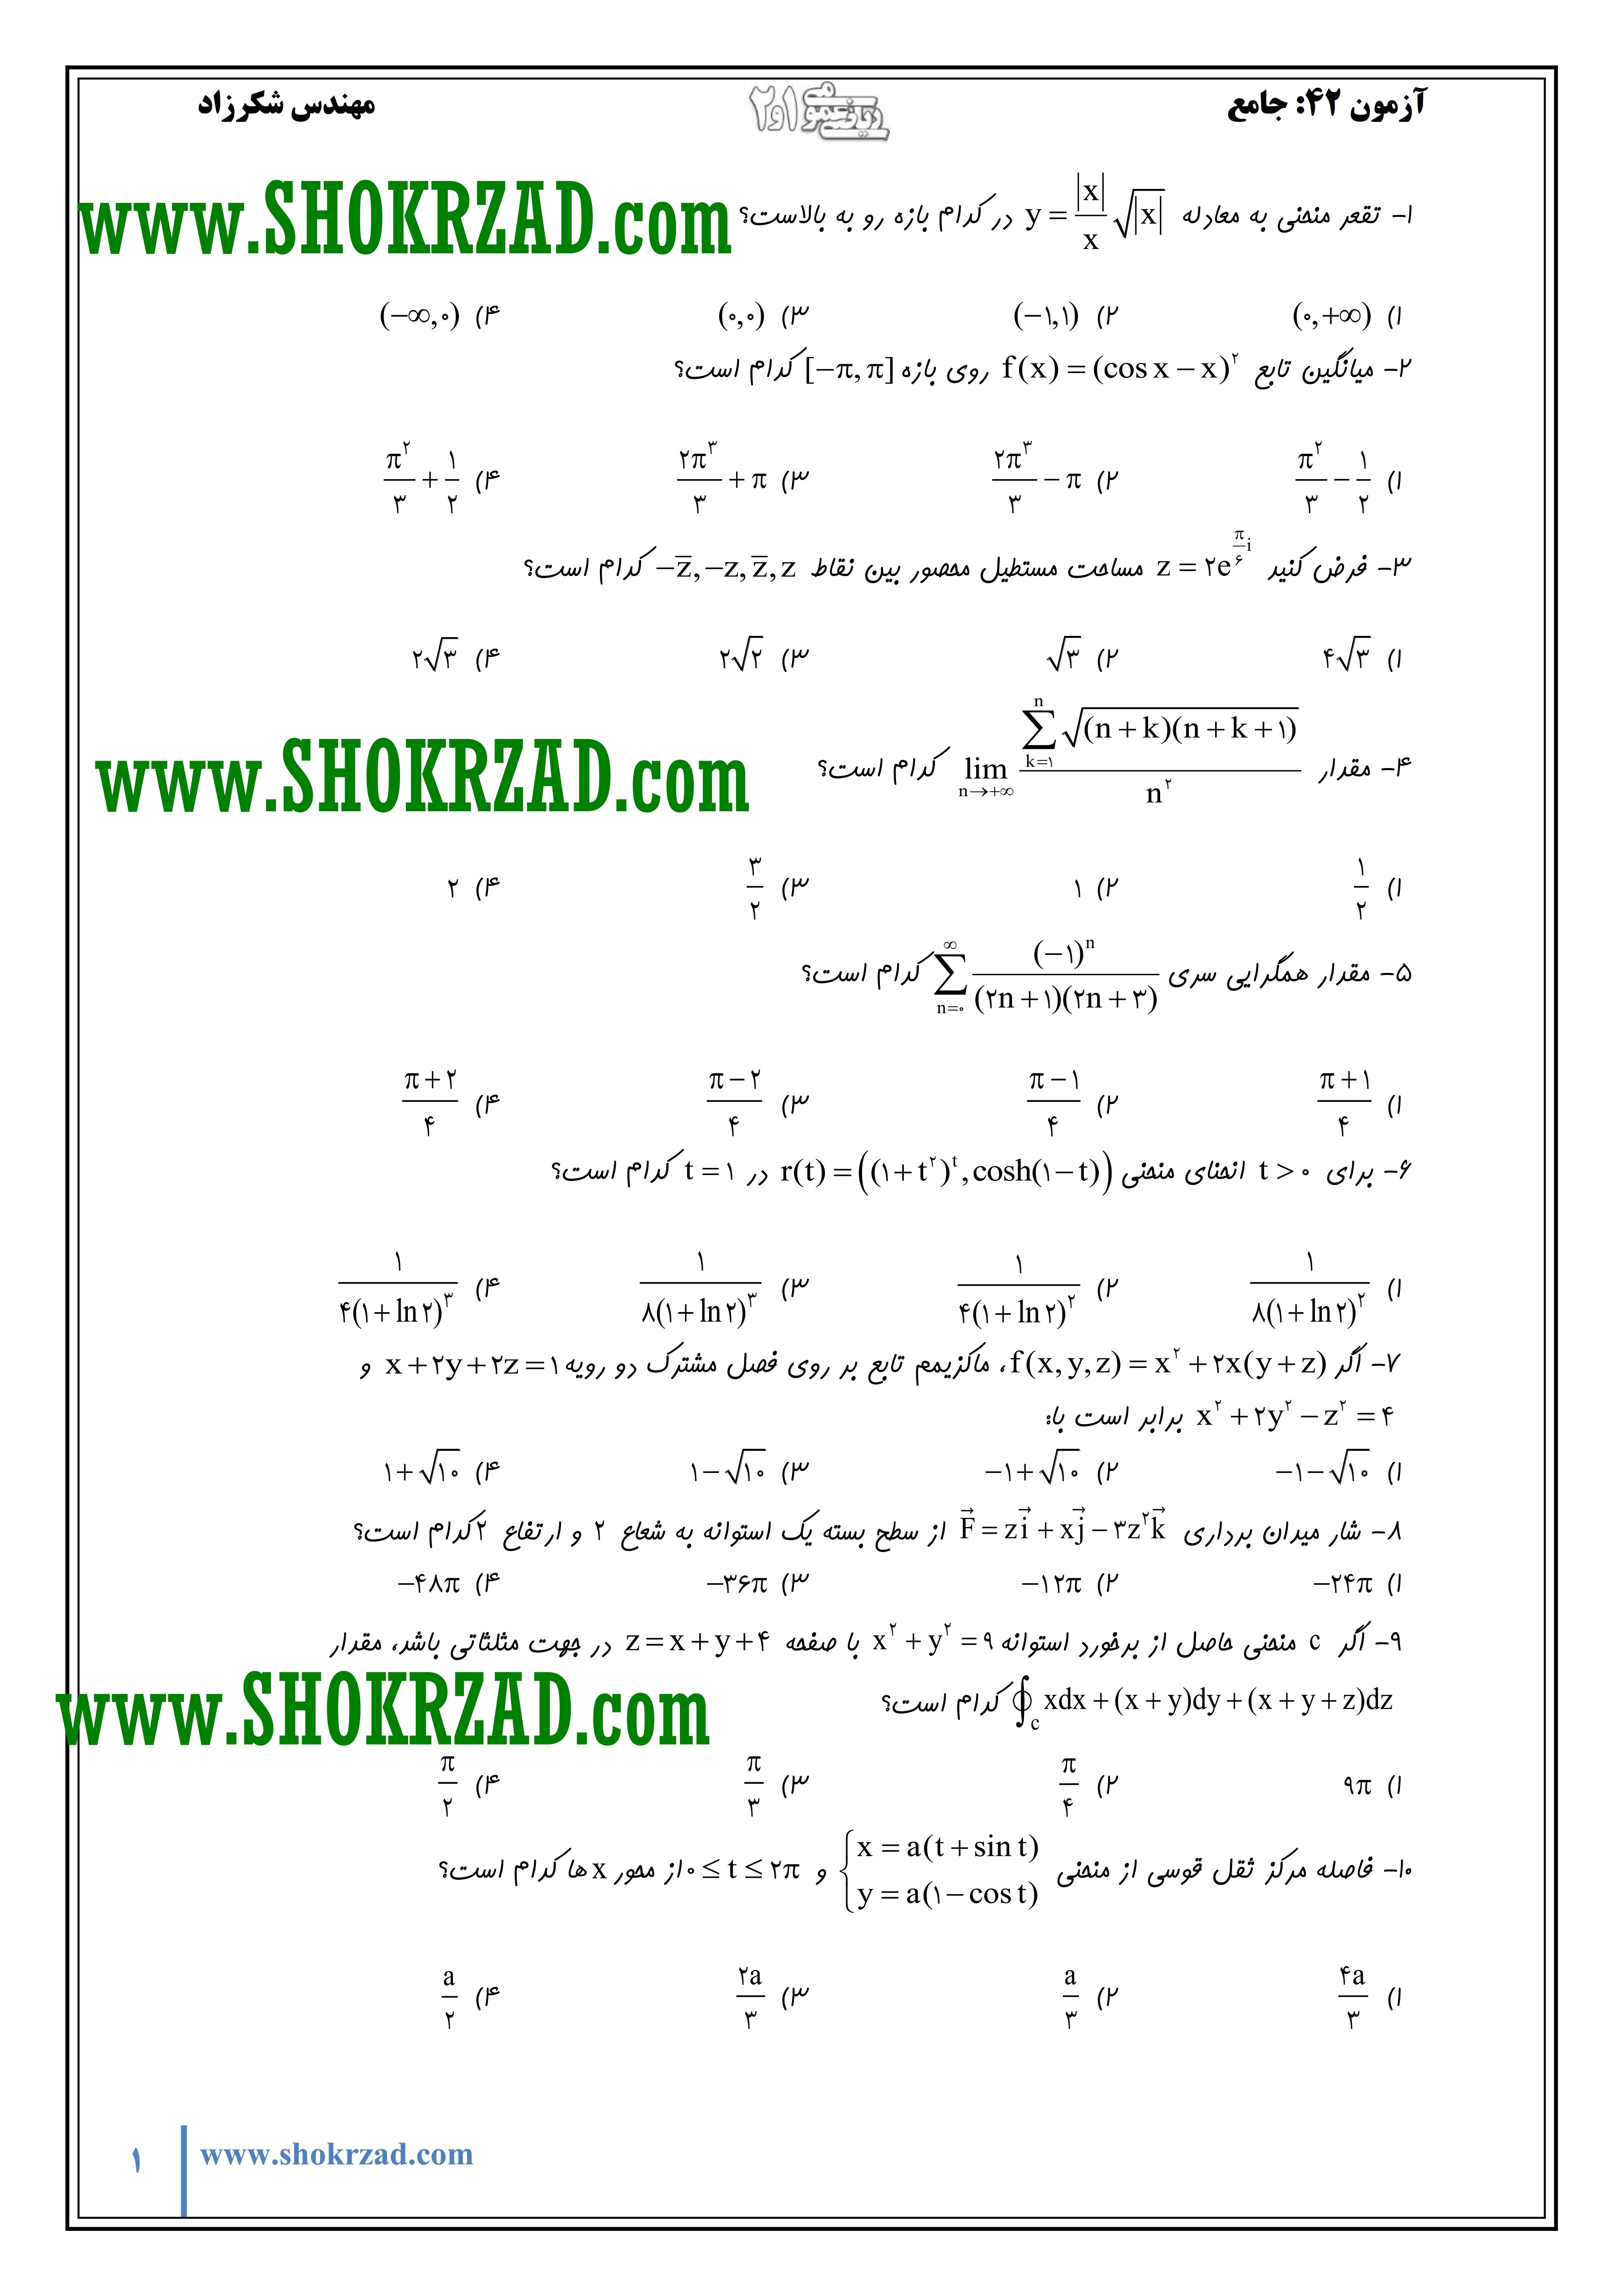 نمونه سوال جامع ریاضی عمومی 1و2